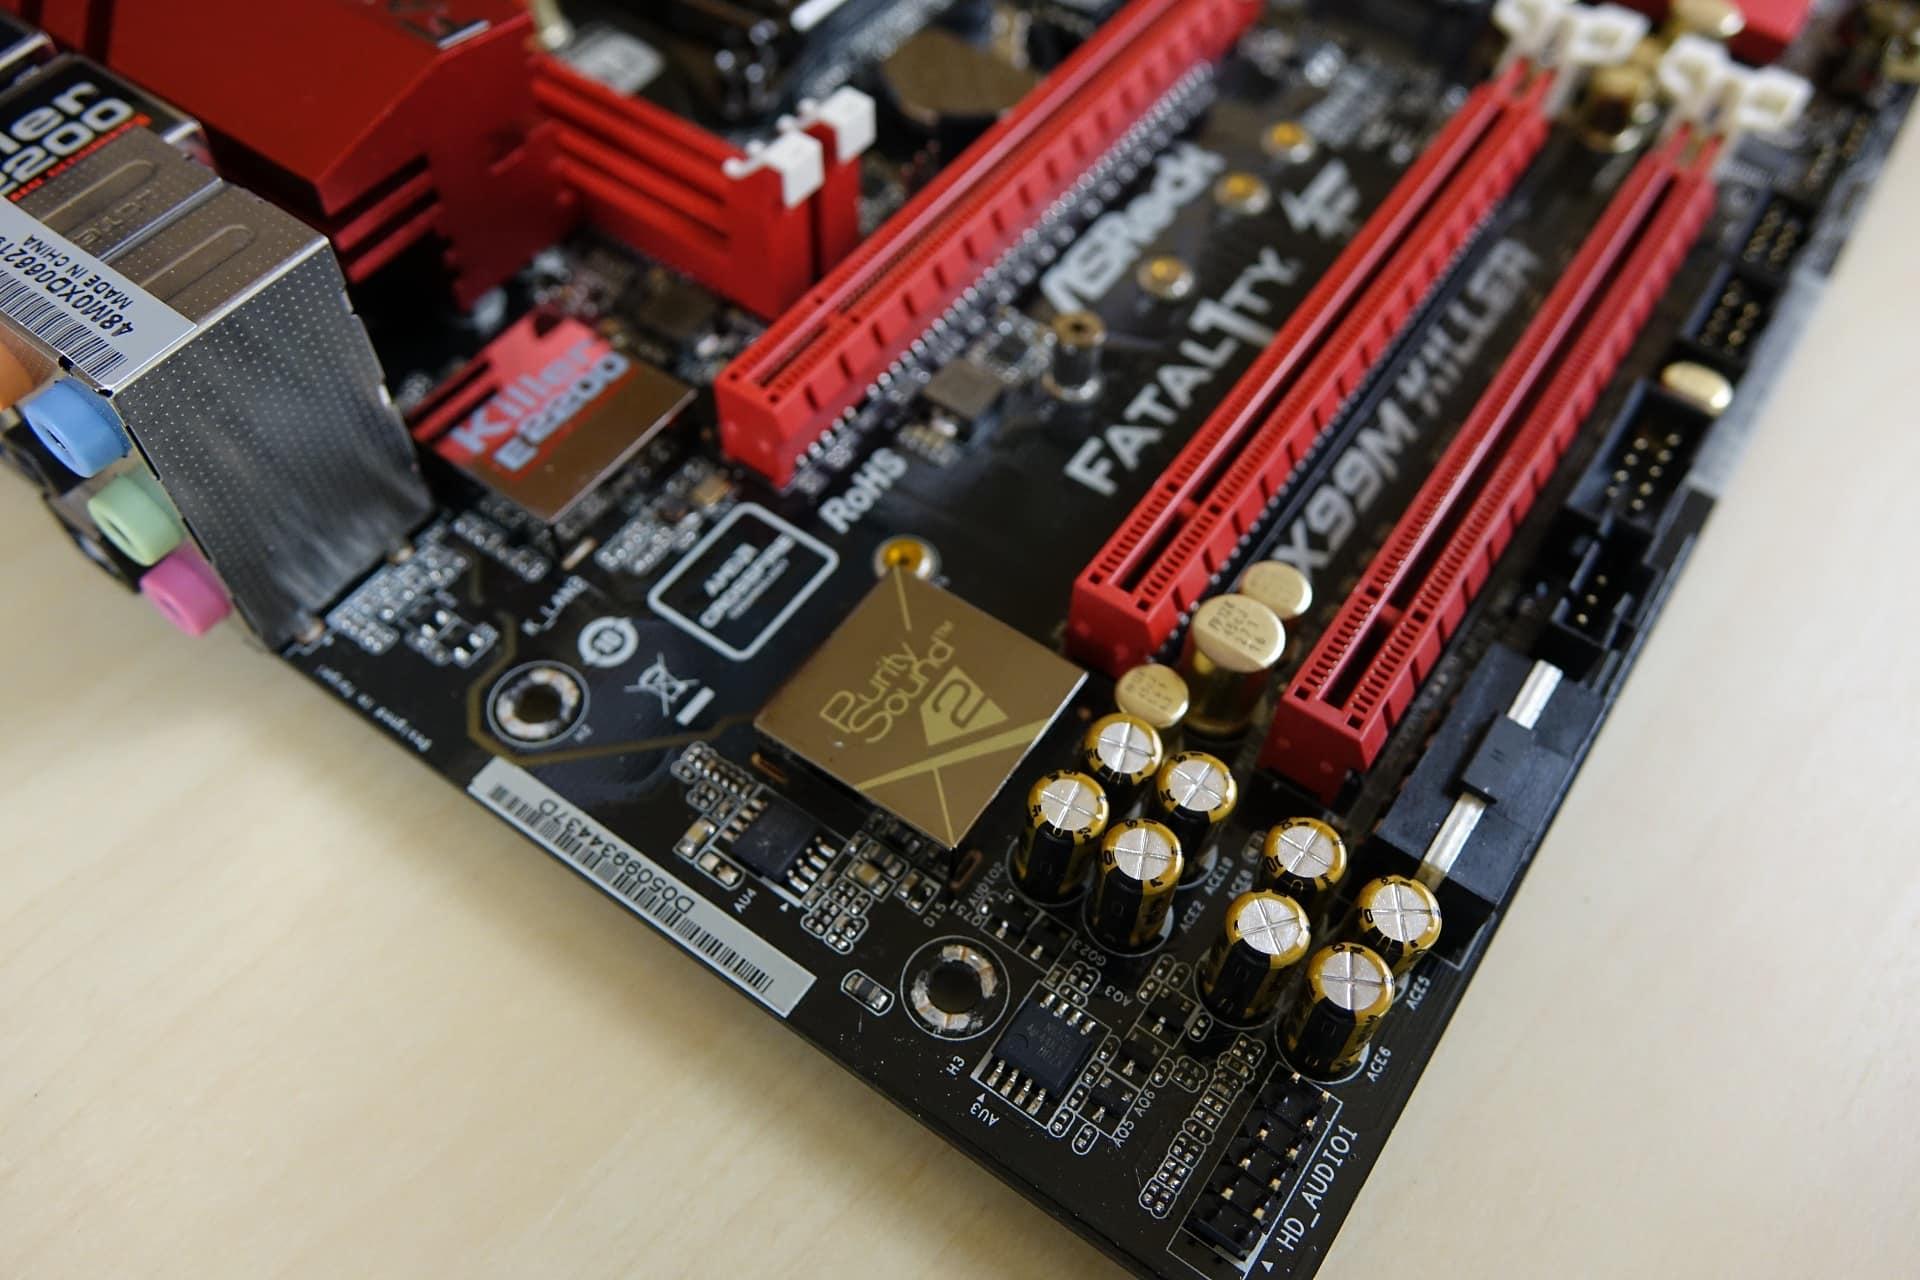 DSC00866